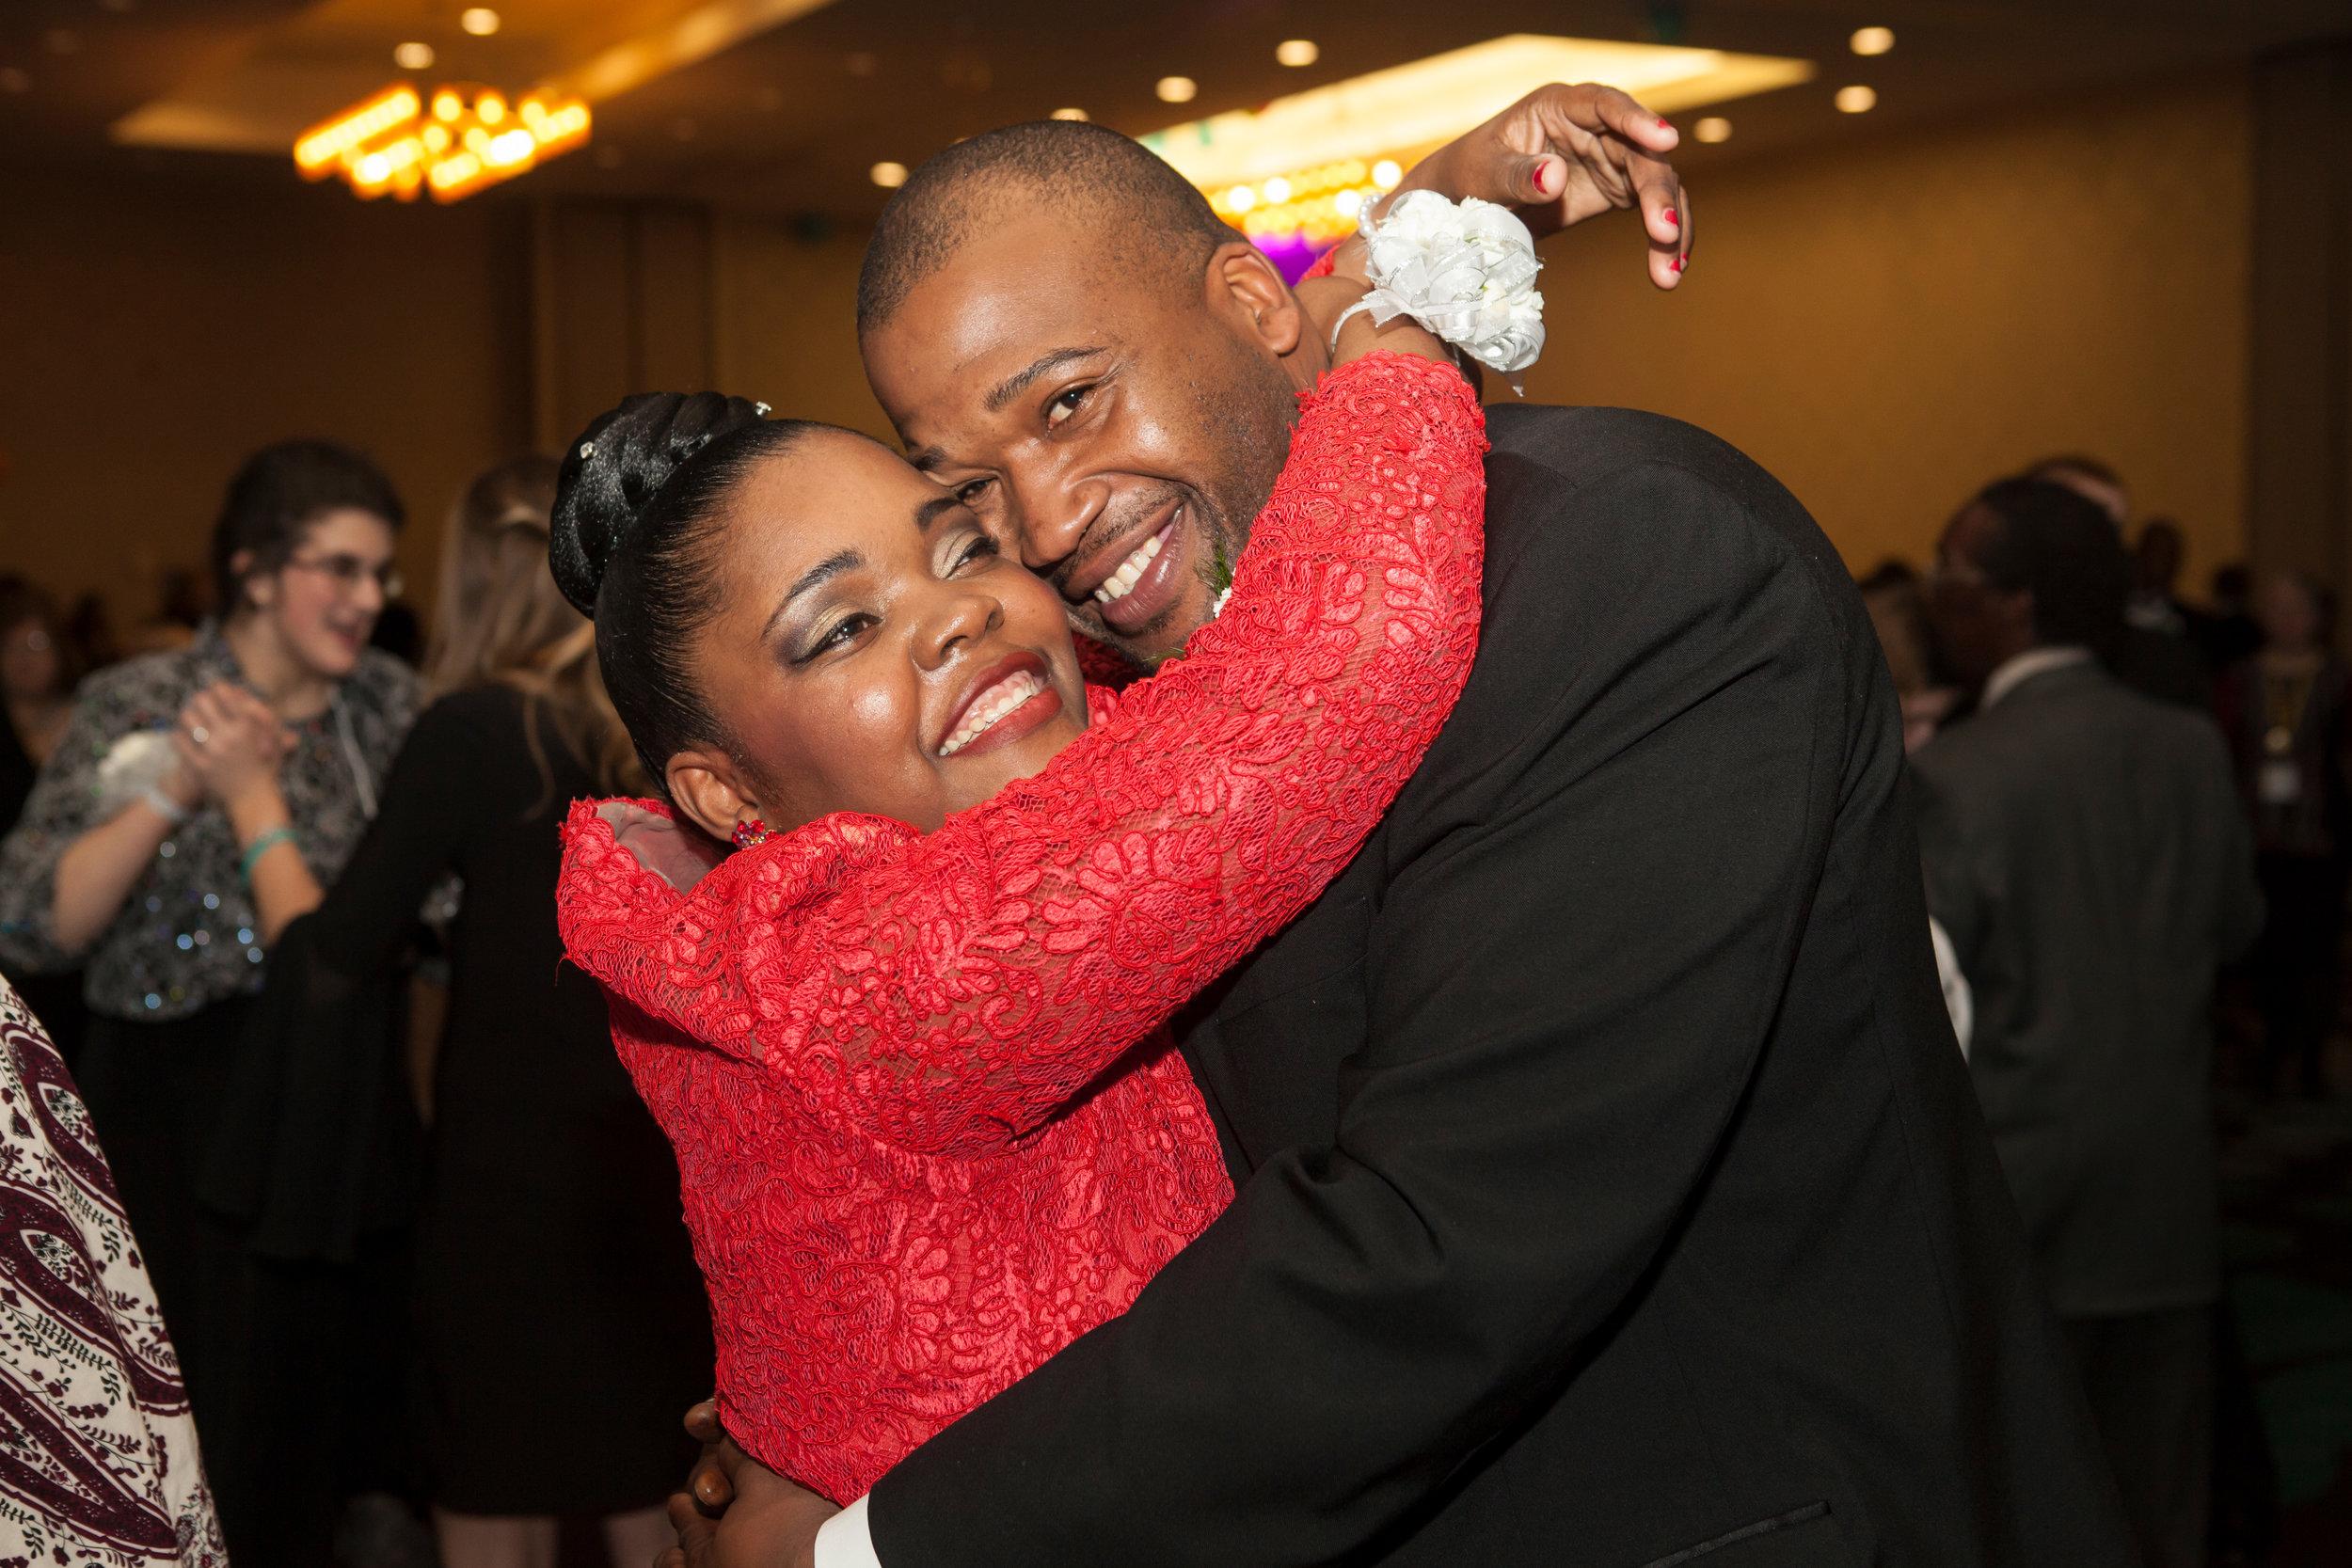 Priscilla Maxi and Chad Valentine